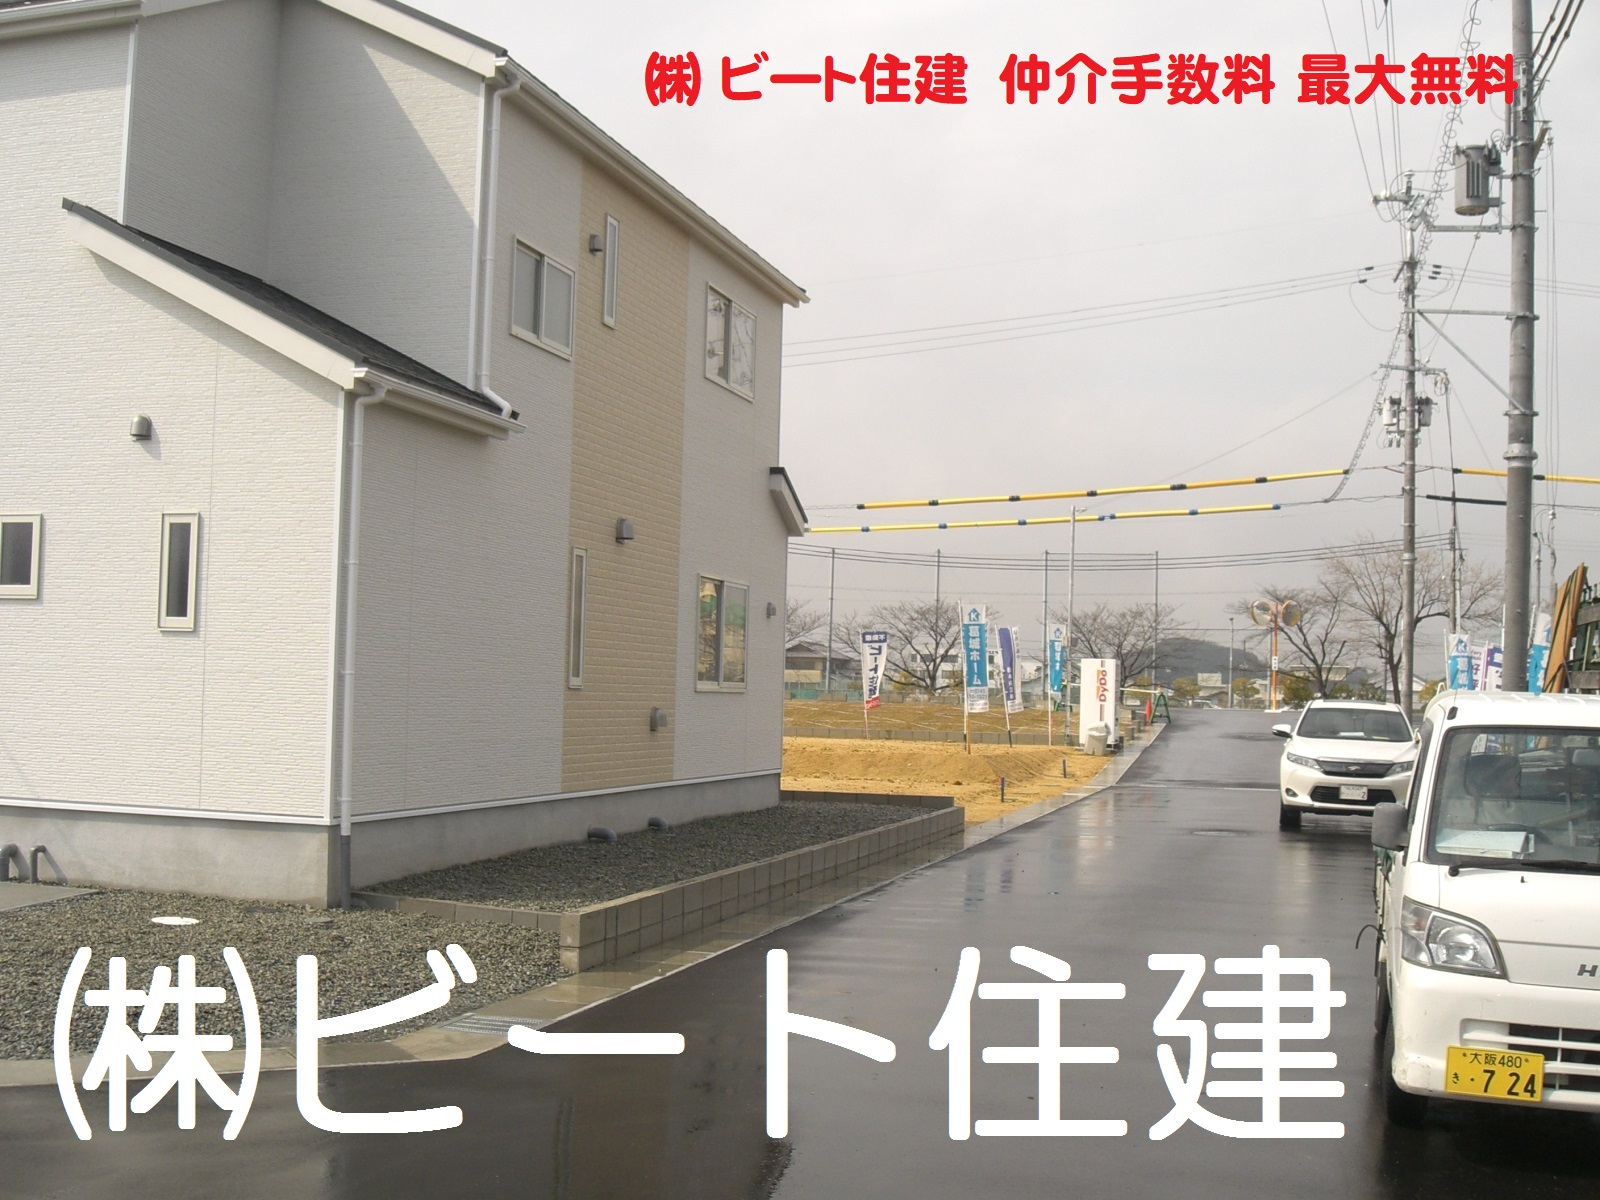 奈良県 飯田グループホールディングス 新築住宅 ビート住建 仲介手数料無料です!(周辺)